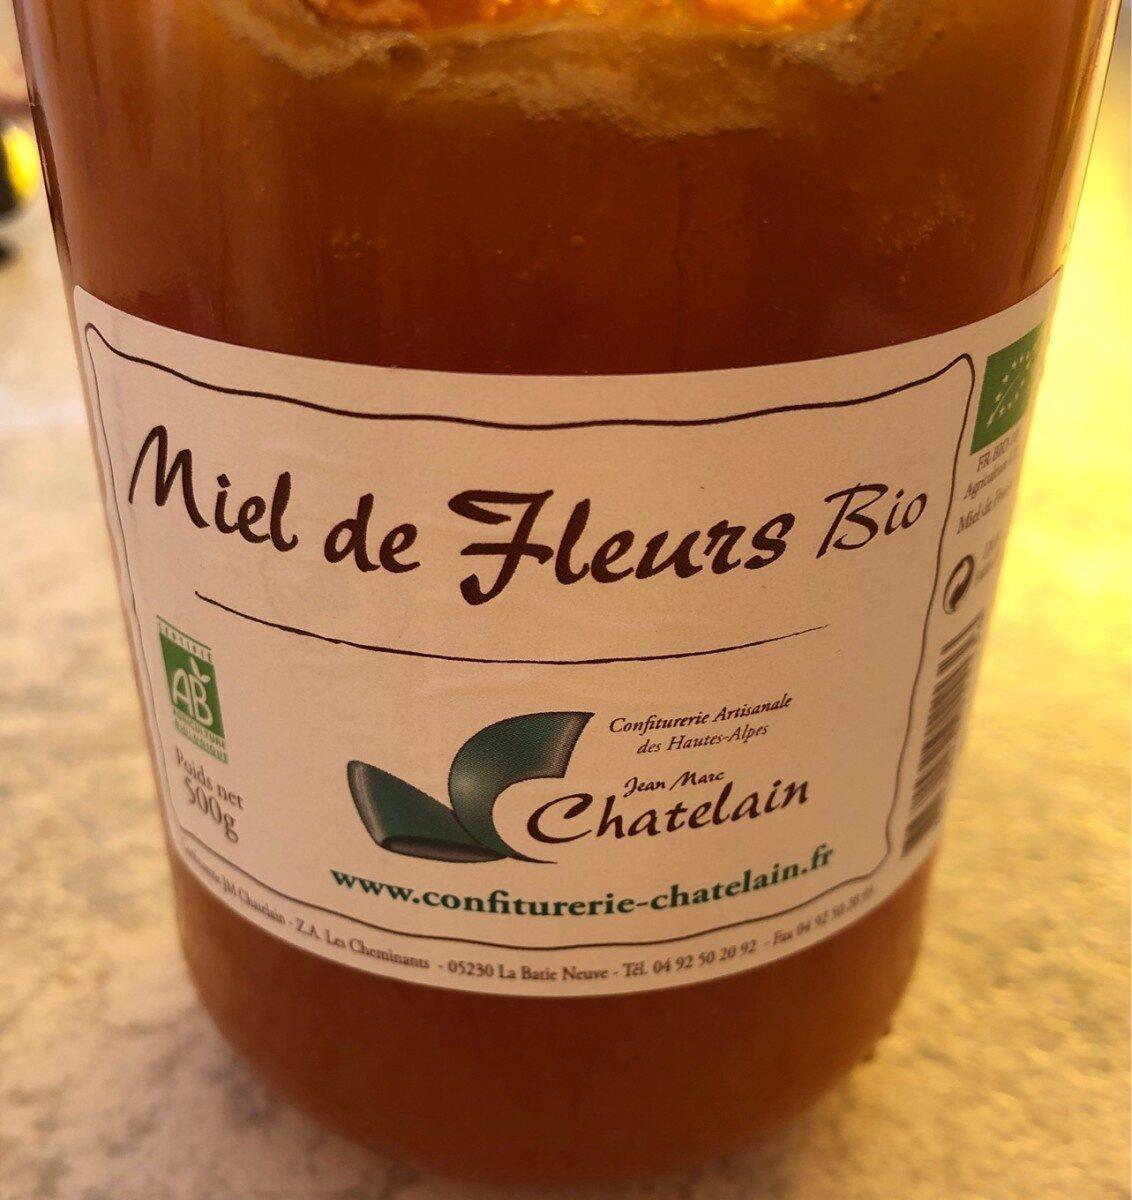 Miel de Fleurs bio - Product